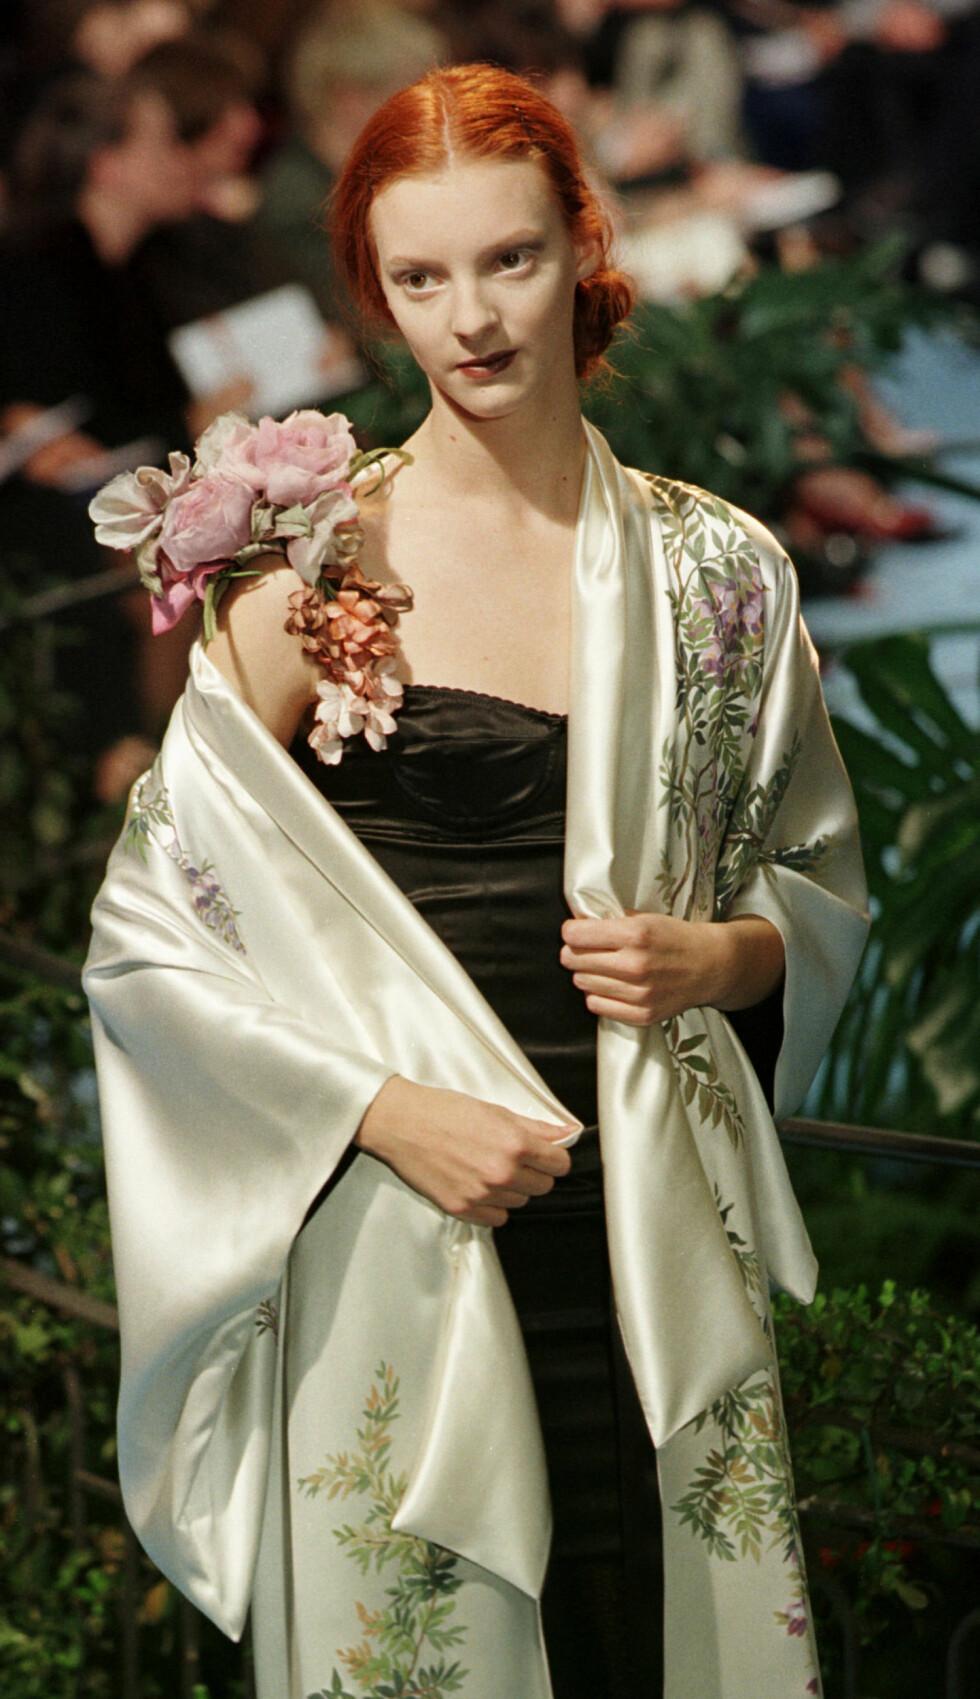 <strong>PÅ CATWALKEN:</strong> På det meste tjente Sunniva en halv million kroner i uken på det store røde håret og de irrgrønne øynene. Her på en jobb i Milano i 1997, på catwalken for Dolce & Gabbana. Foto: NTBScanpix